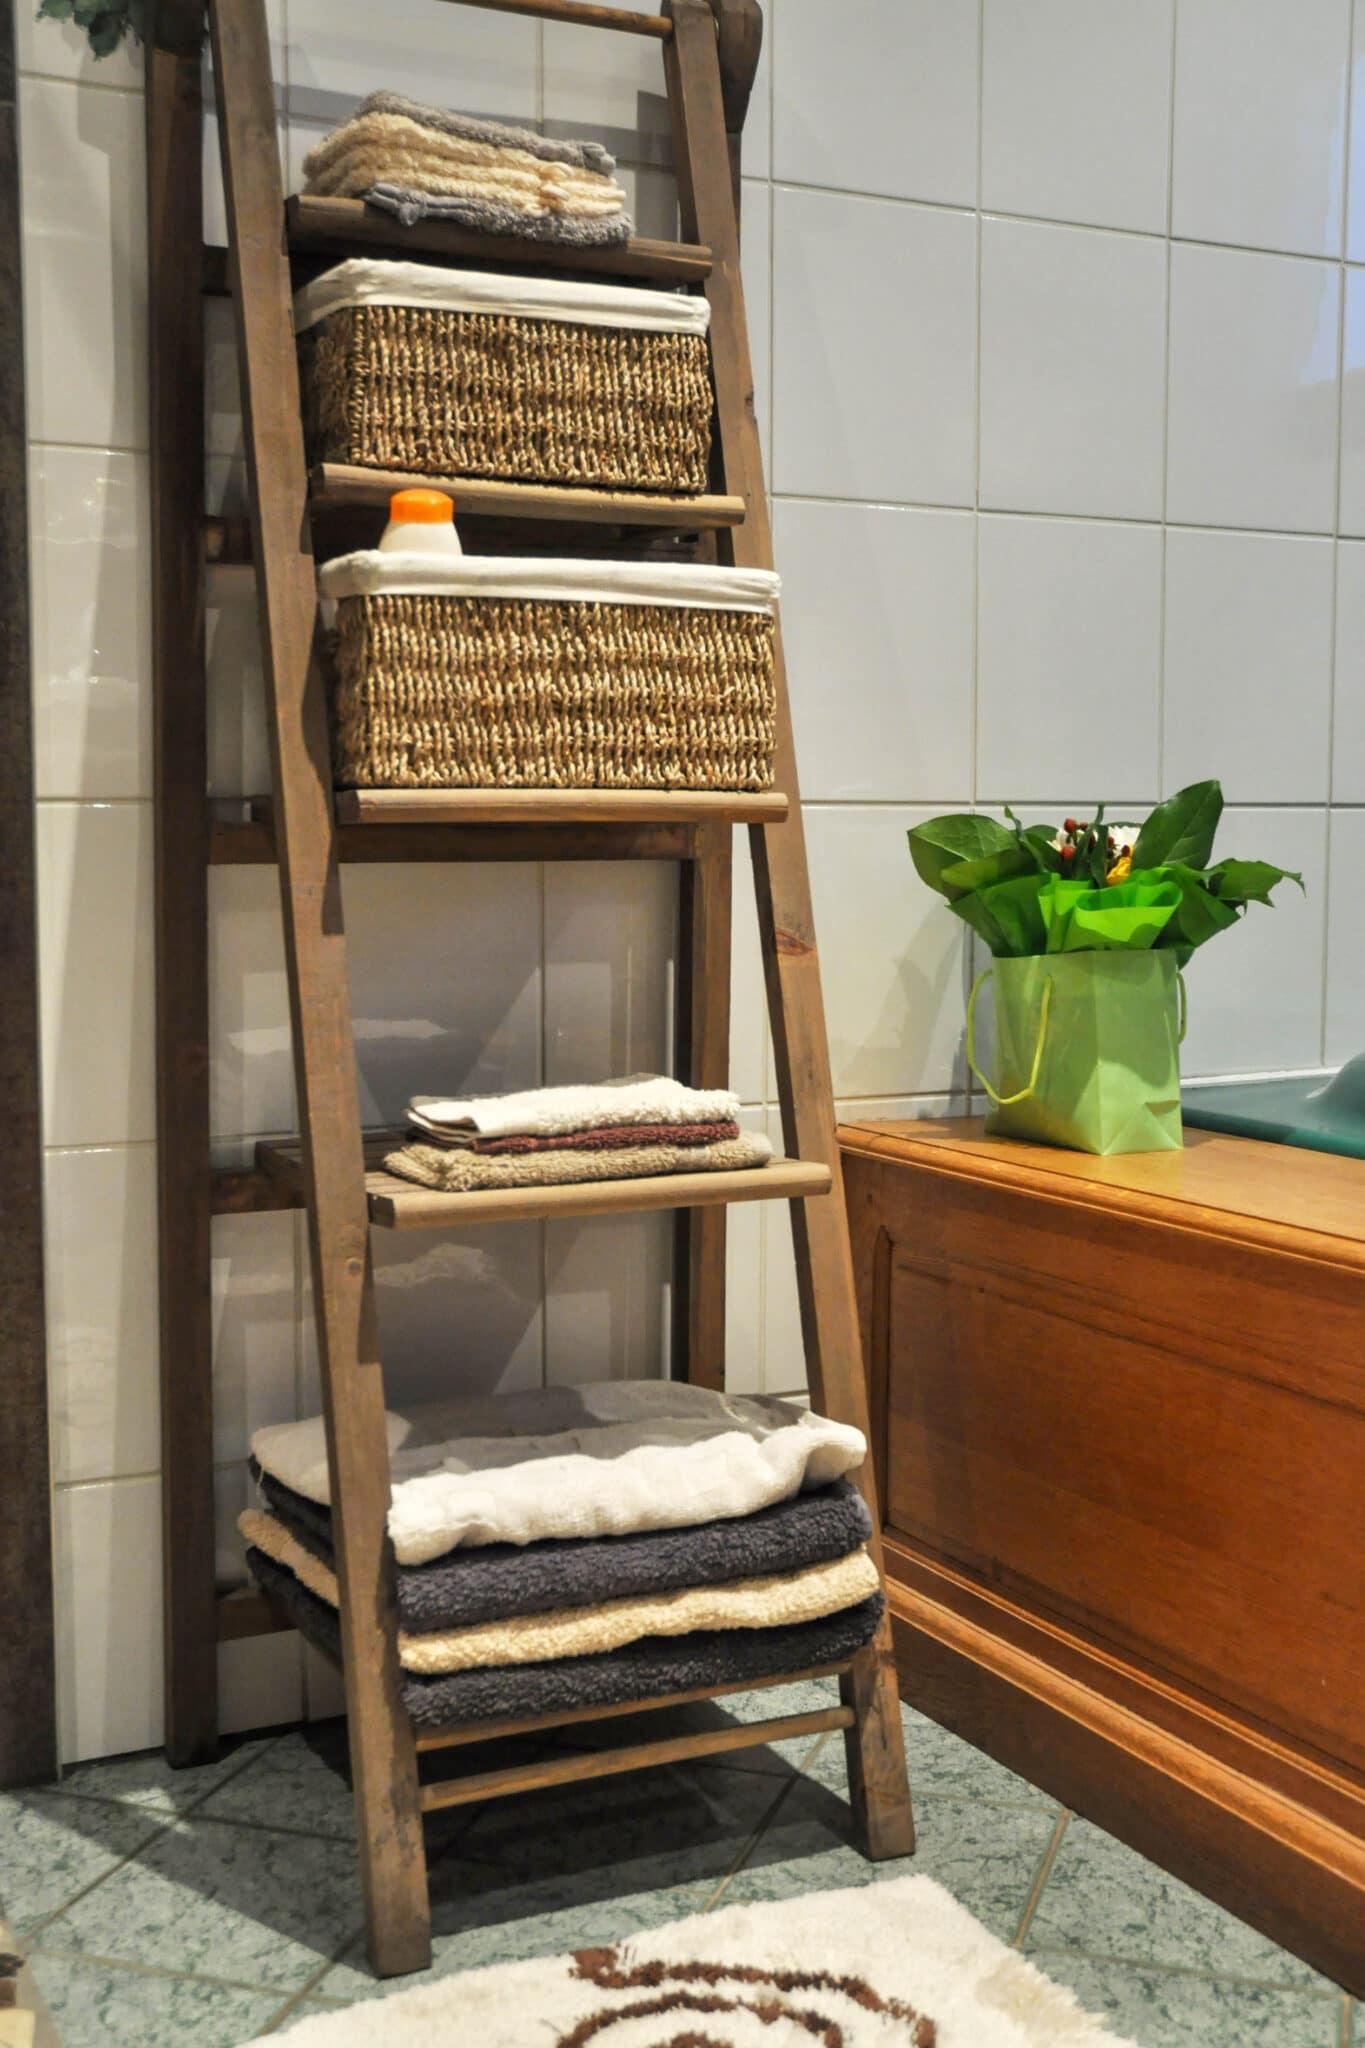 Paniers sur une étagère de salle de bain.